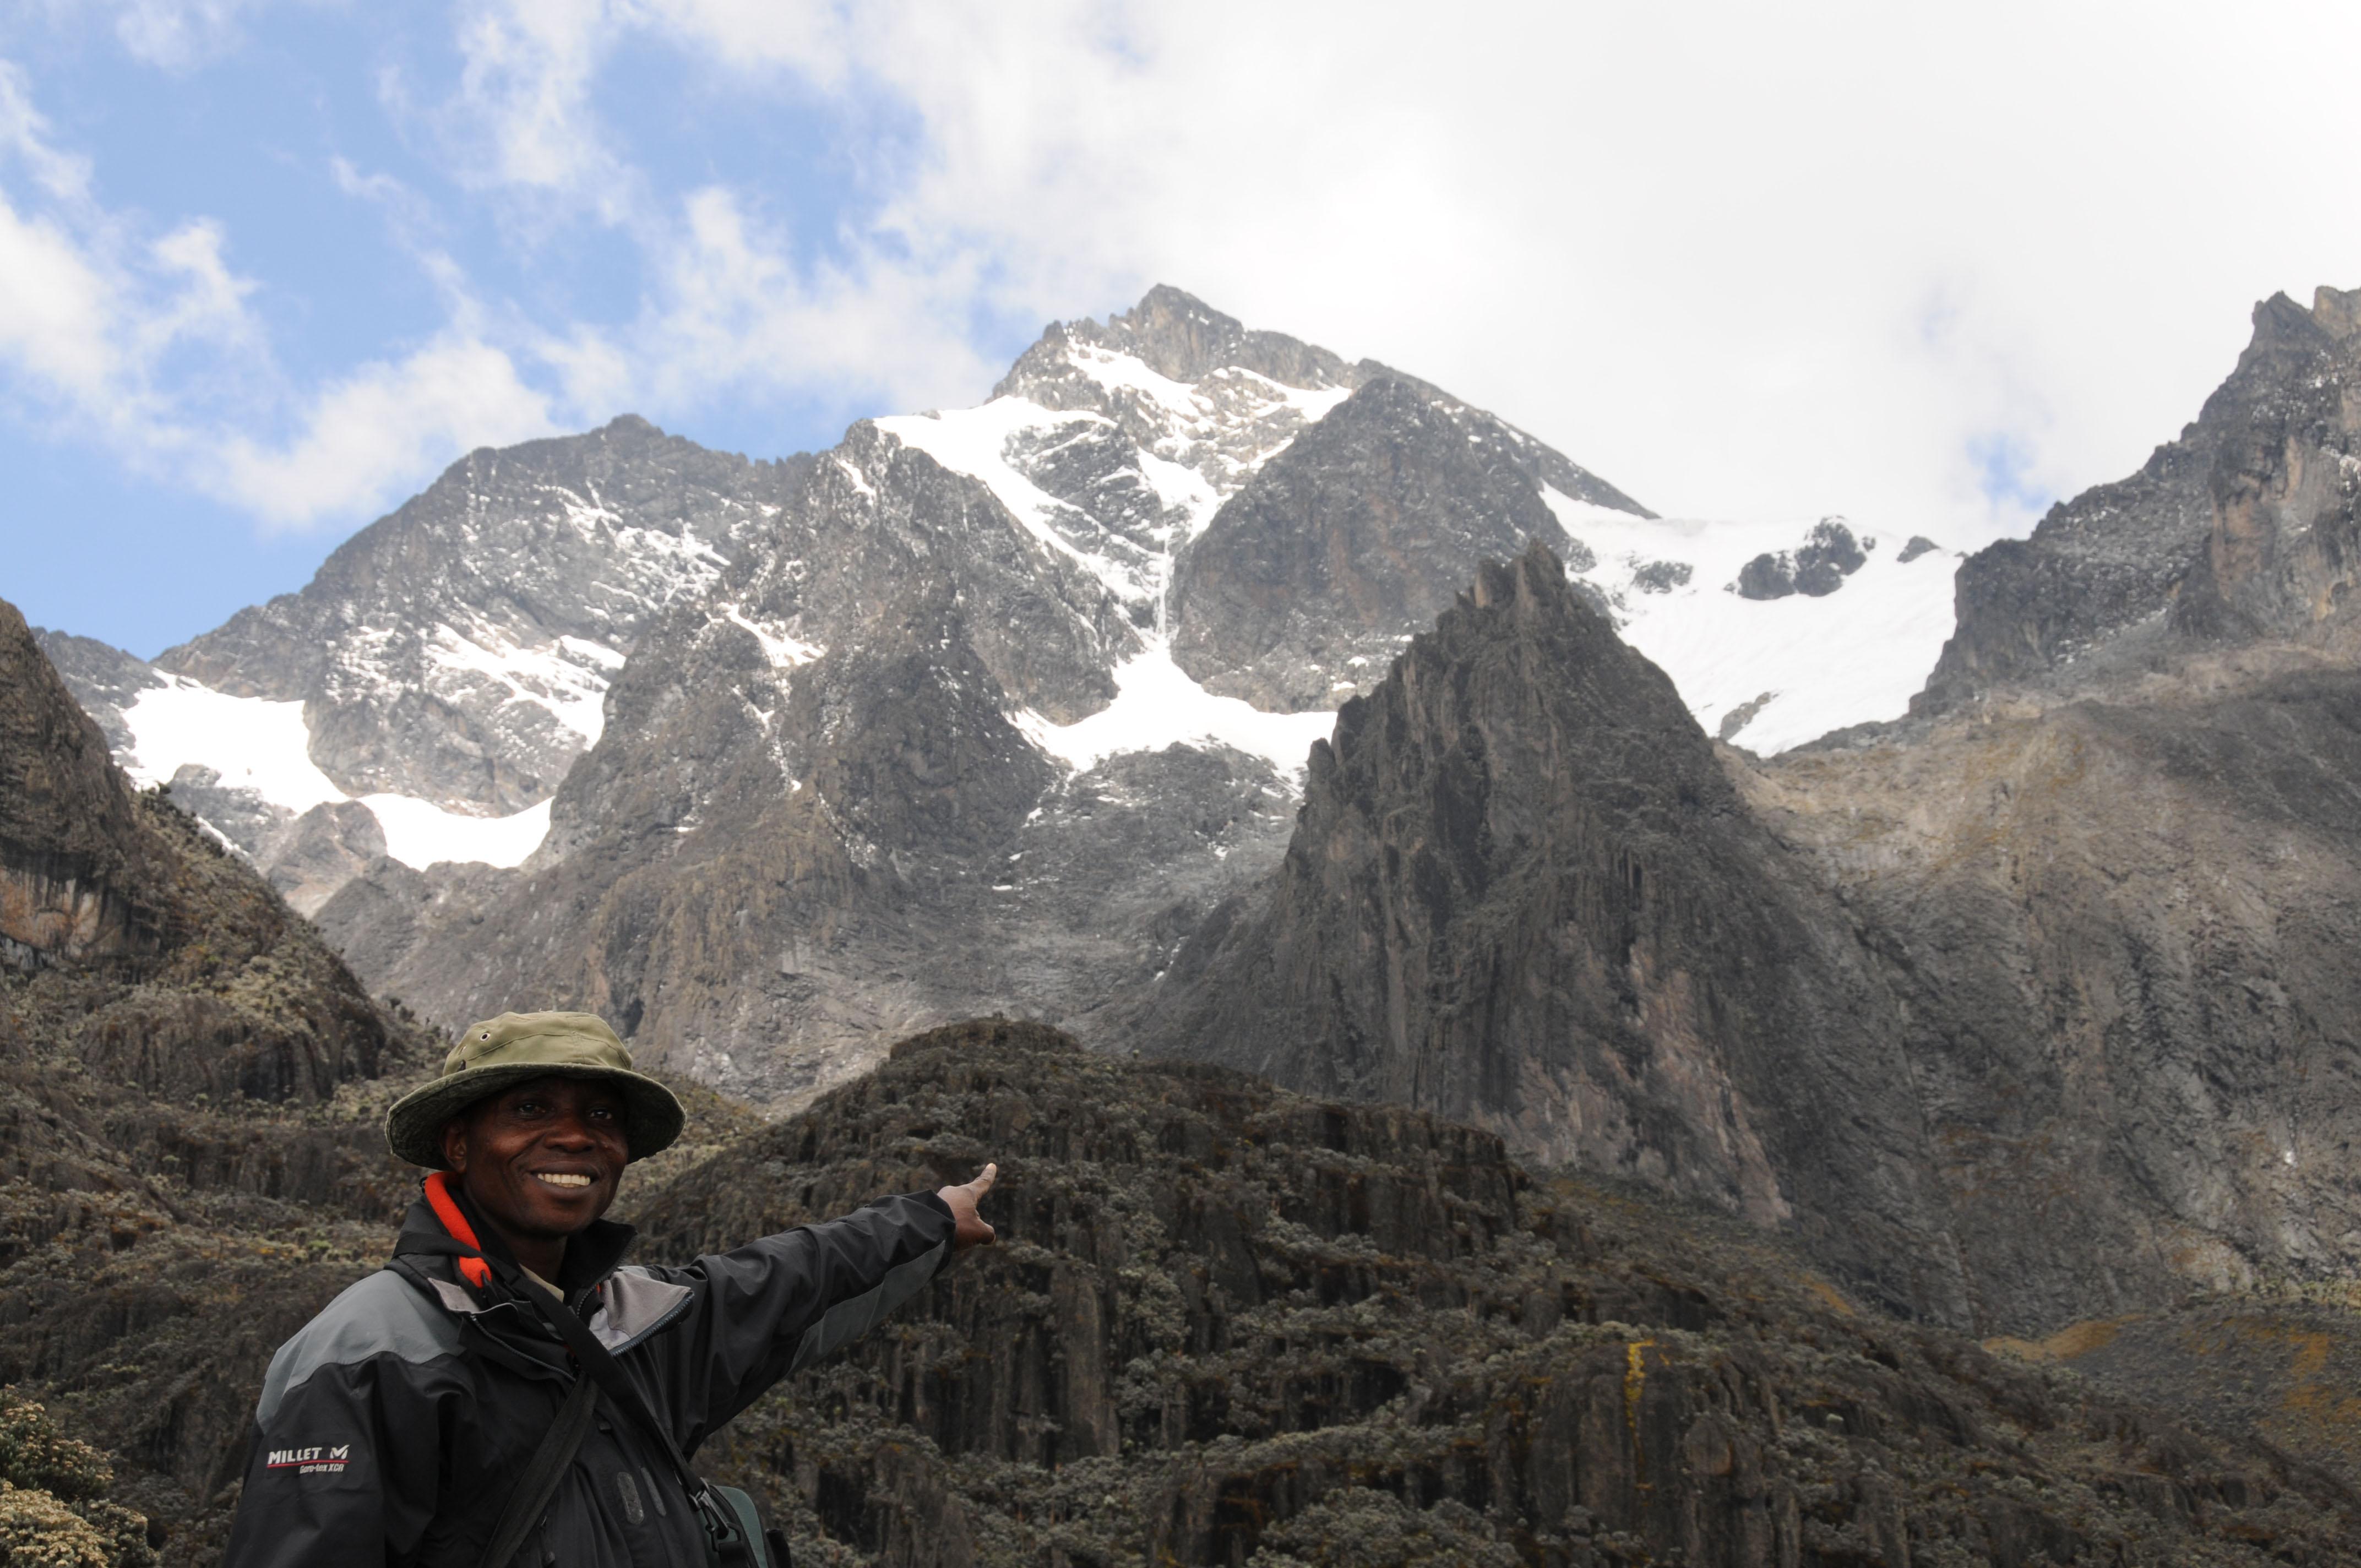 http://upload.wikimedia.org/wikipedia/commons/4/4f/Ruwenzori_Mountains_Virunga_National_Park.jpg